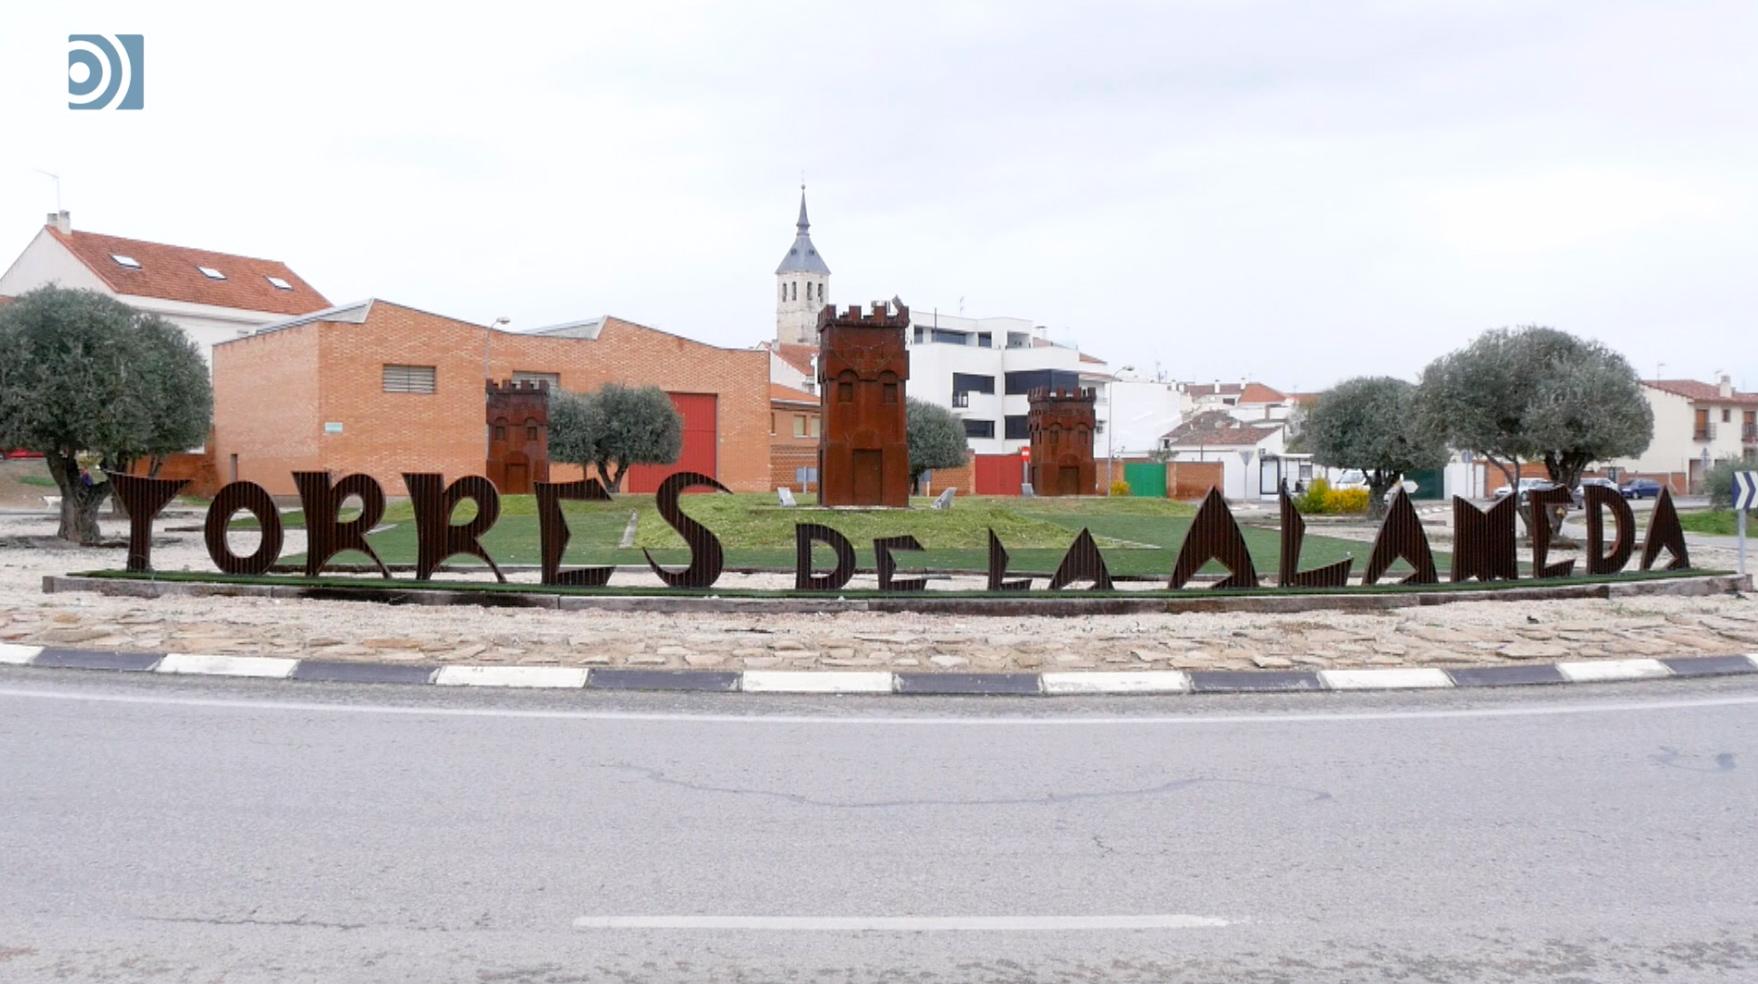 Torres de la alameda-8091